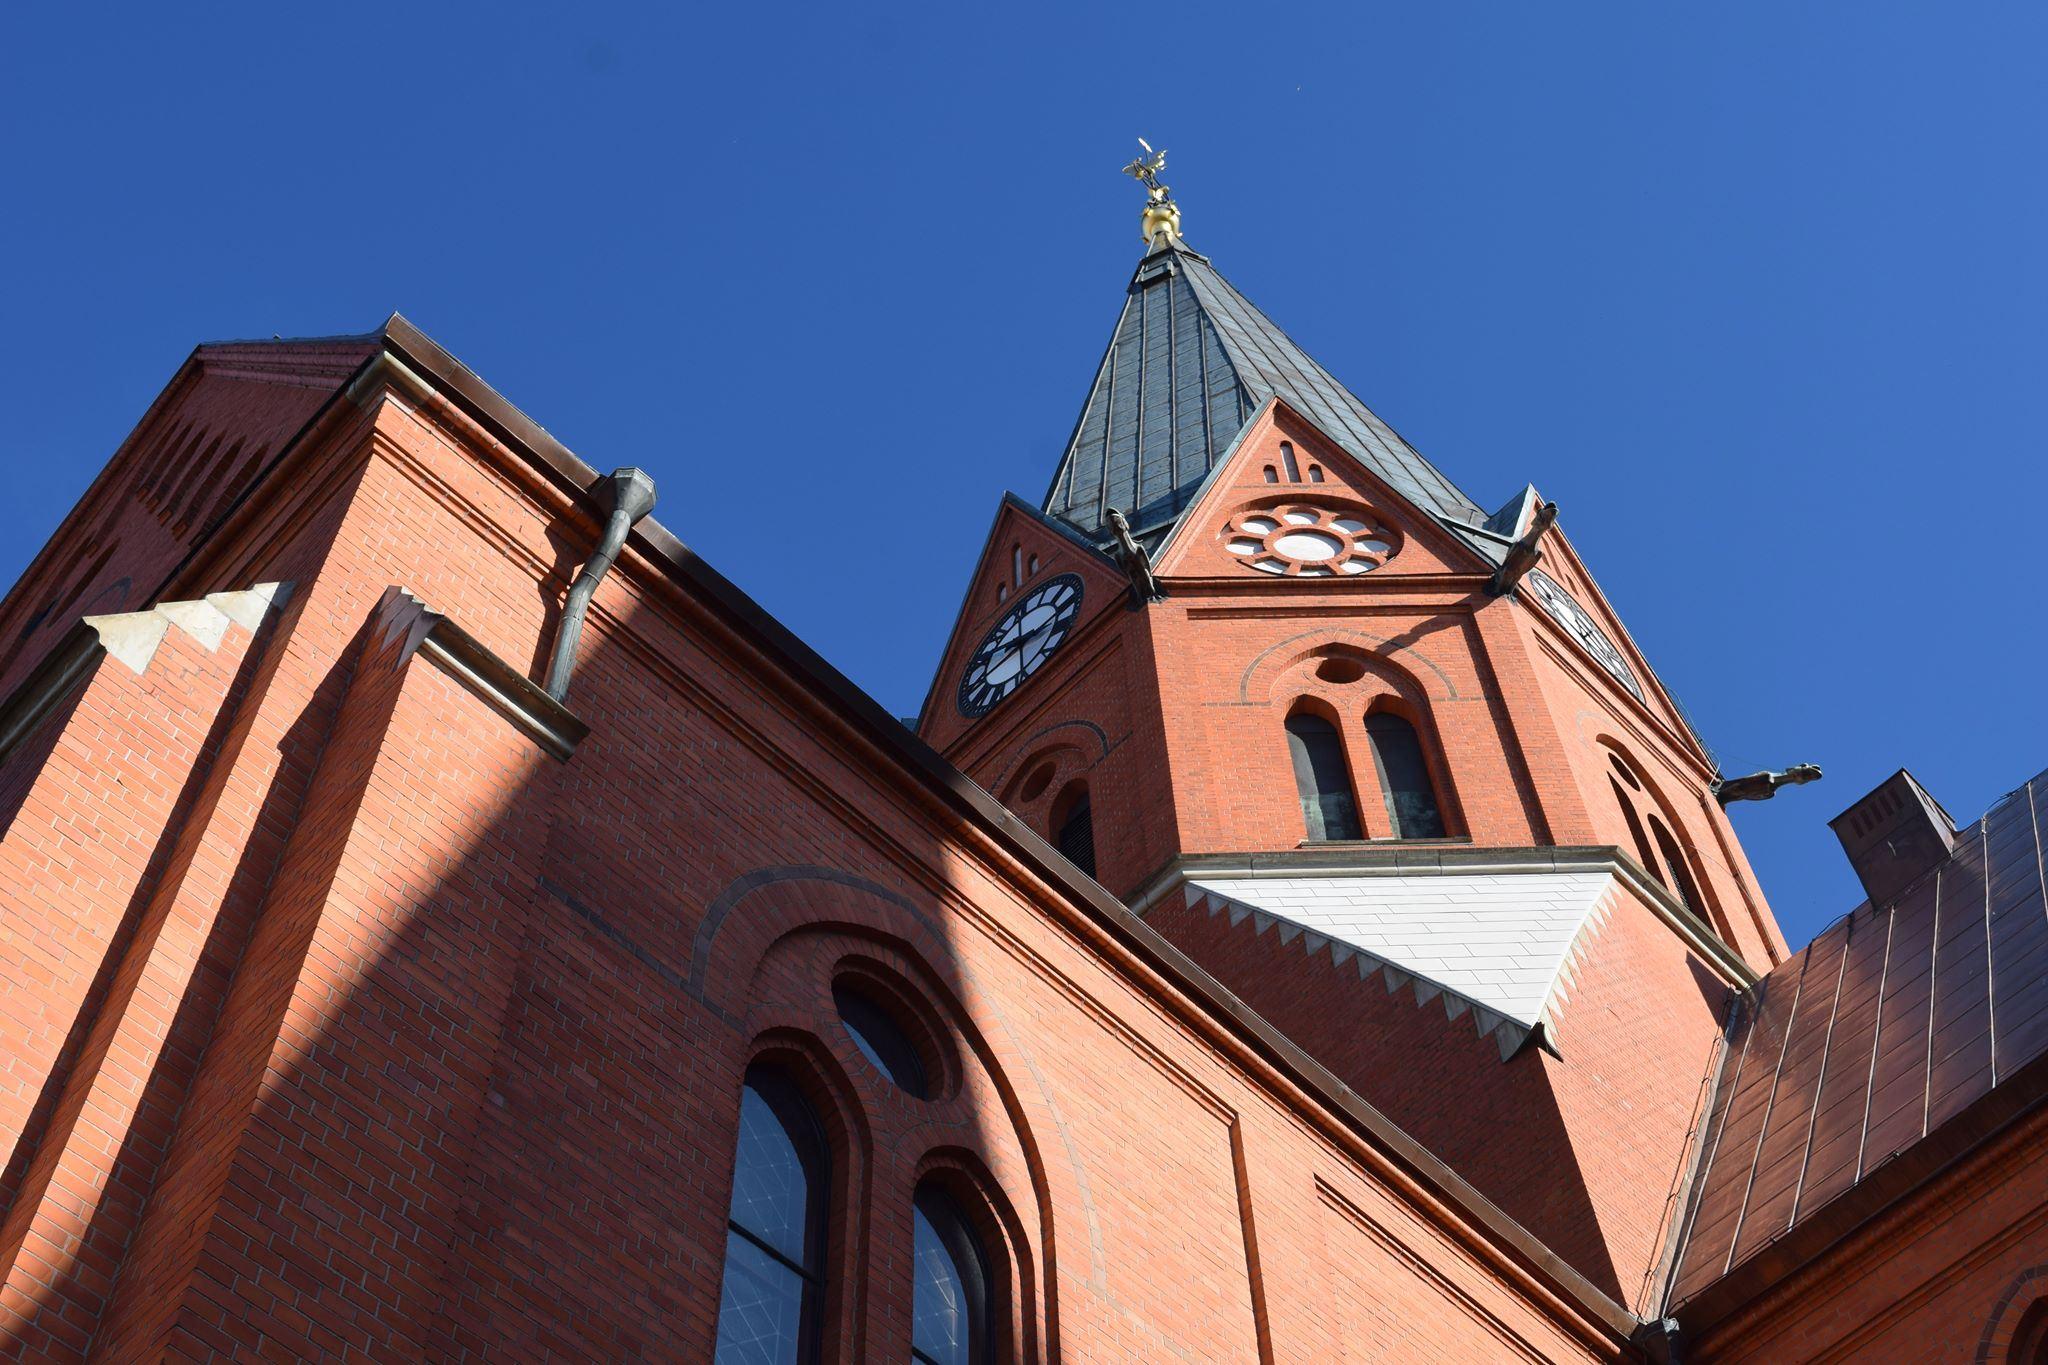 Högmässa i Sankt Petri kyrka